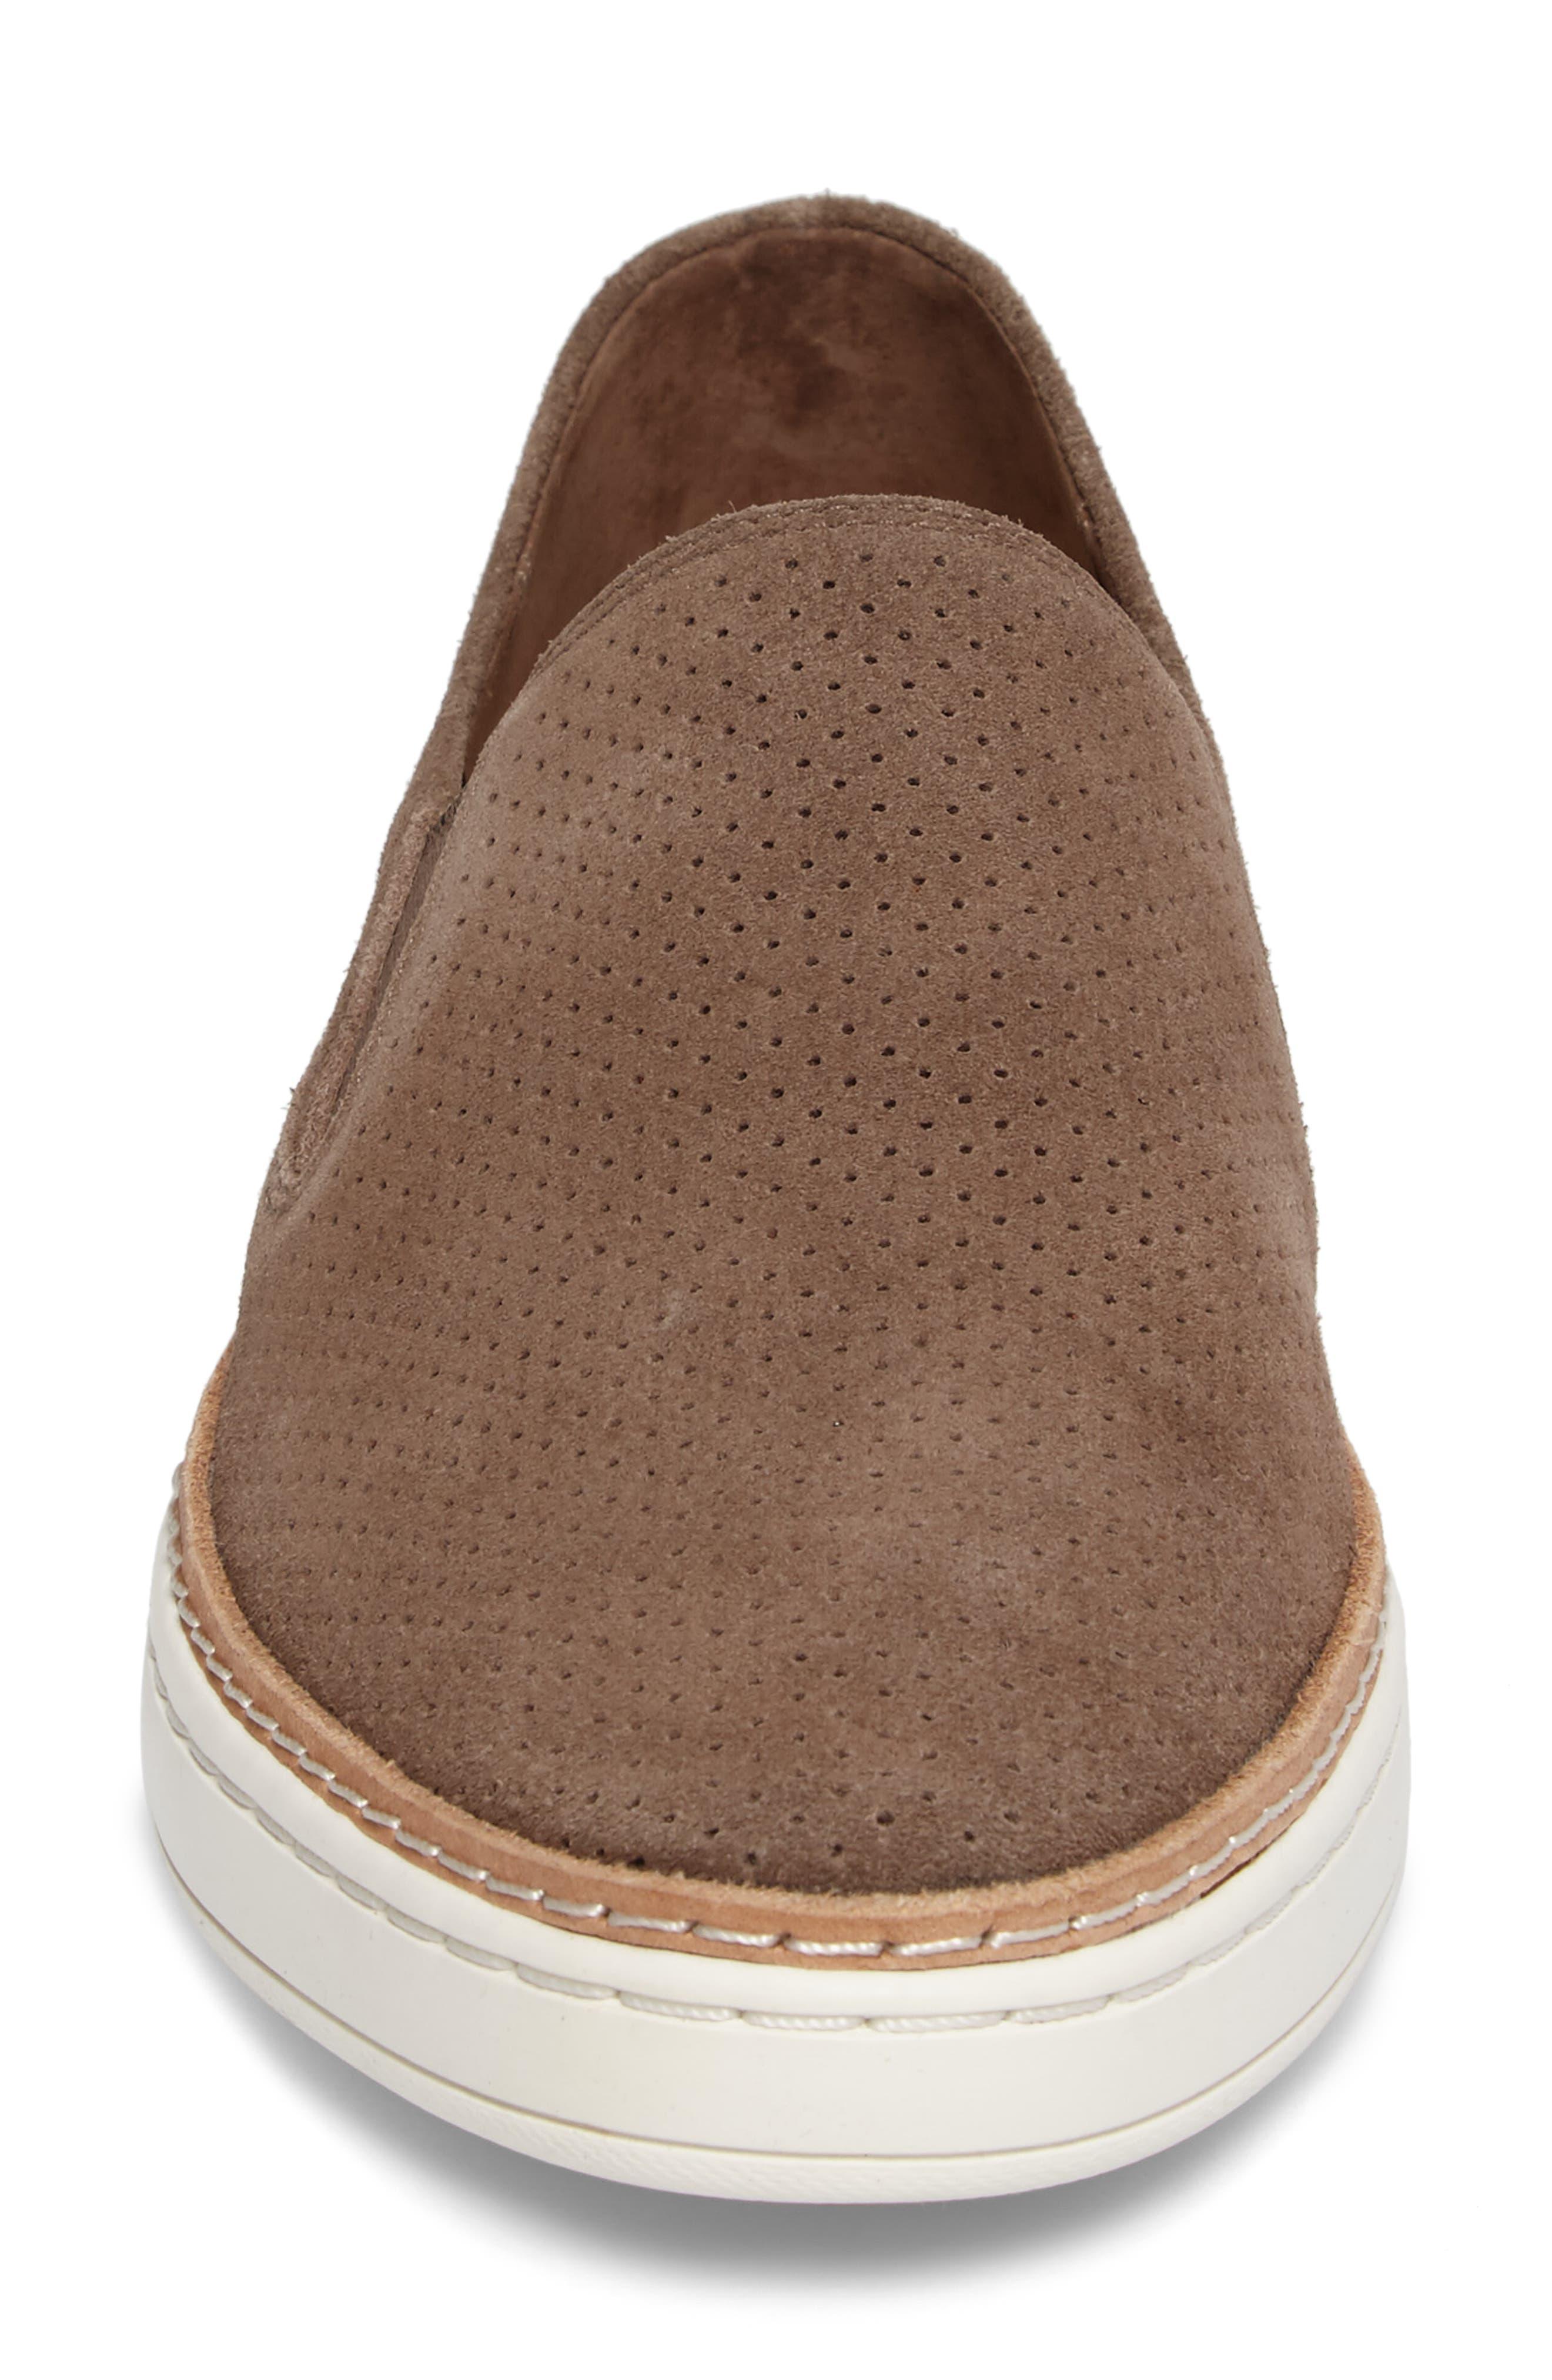 Adley Slip-On Sneaker,                             Alternate thumbnail 39, color,